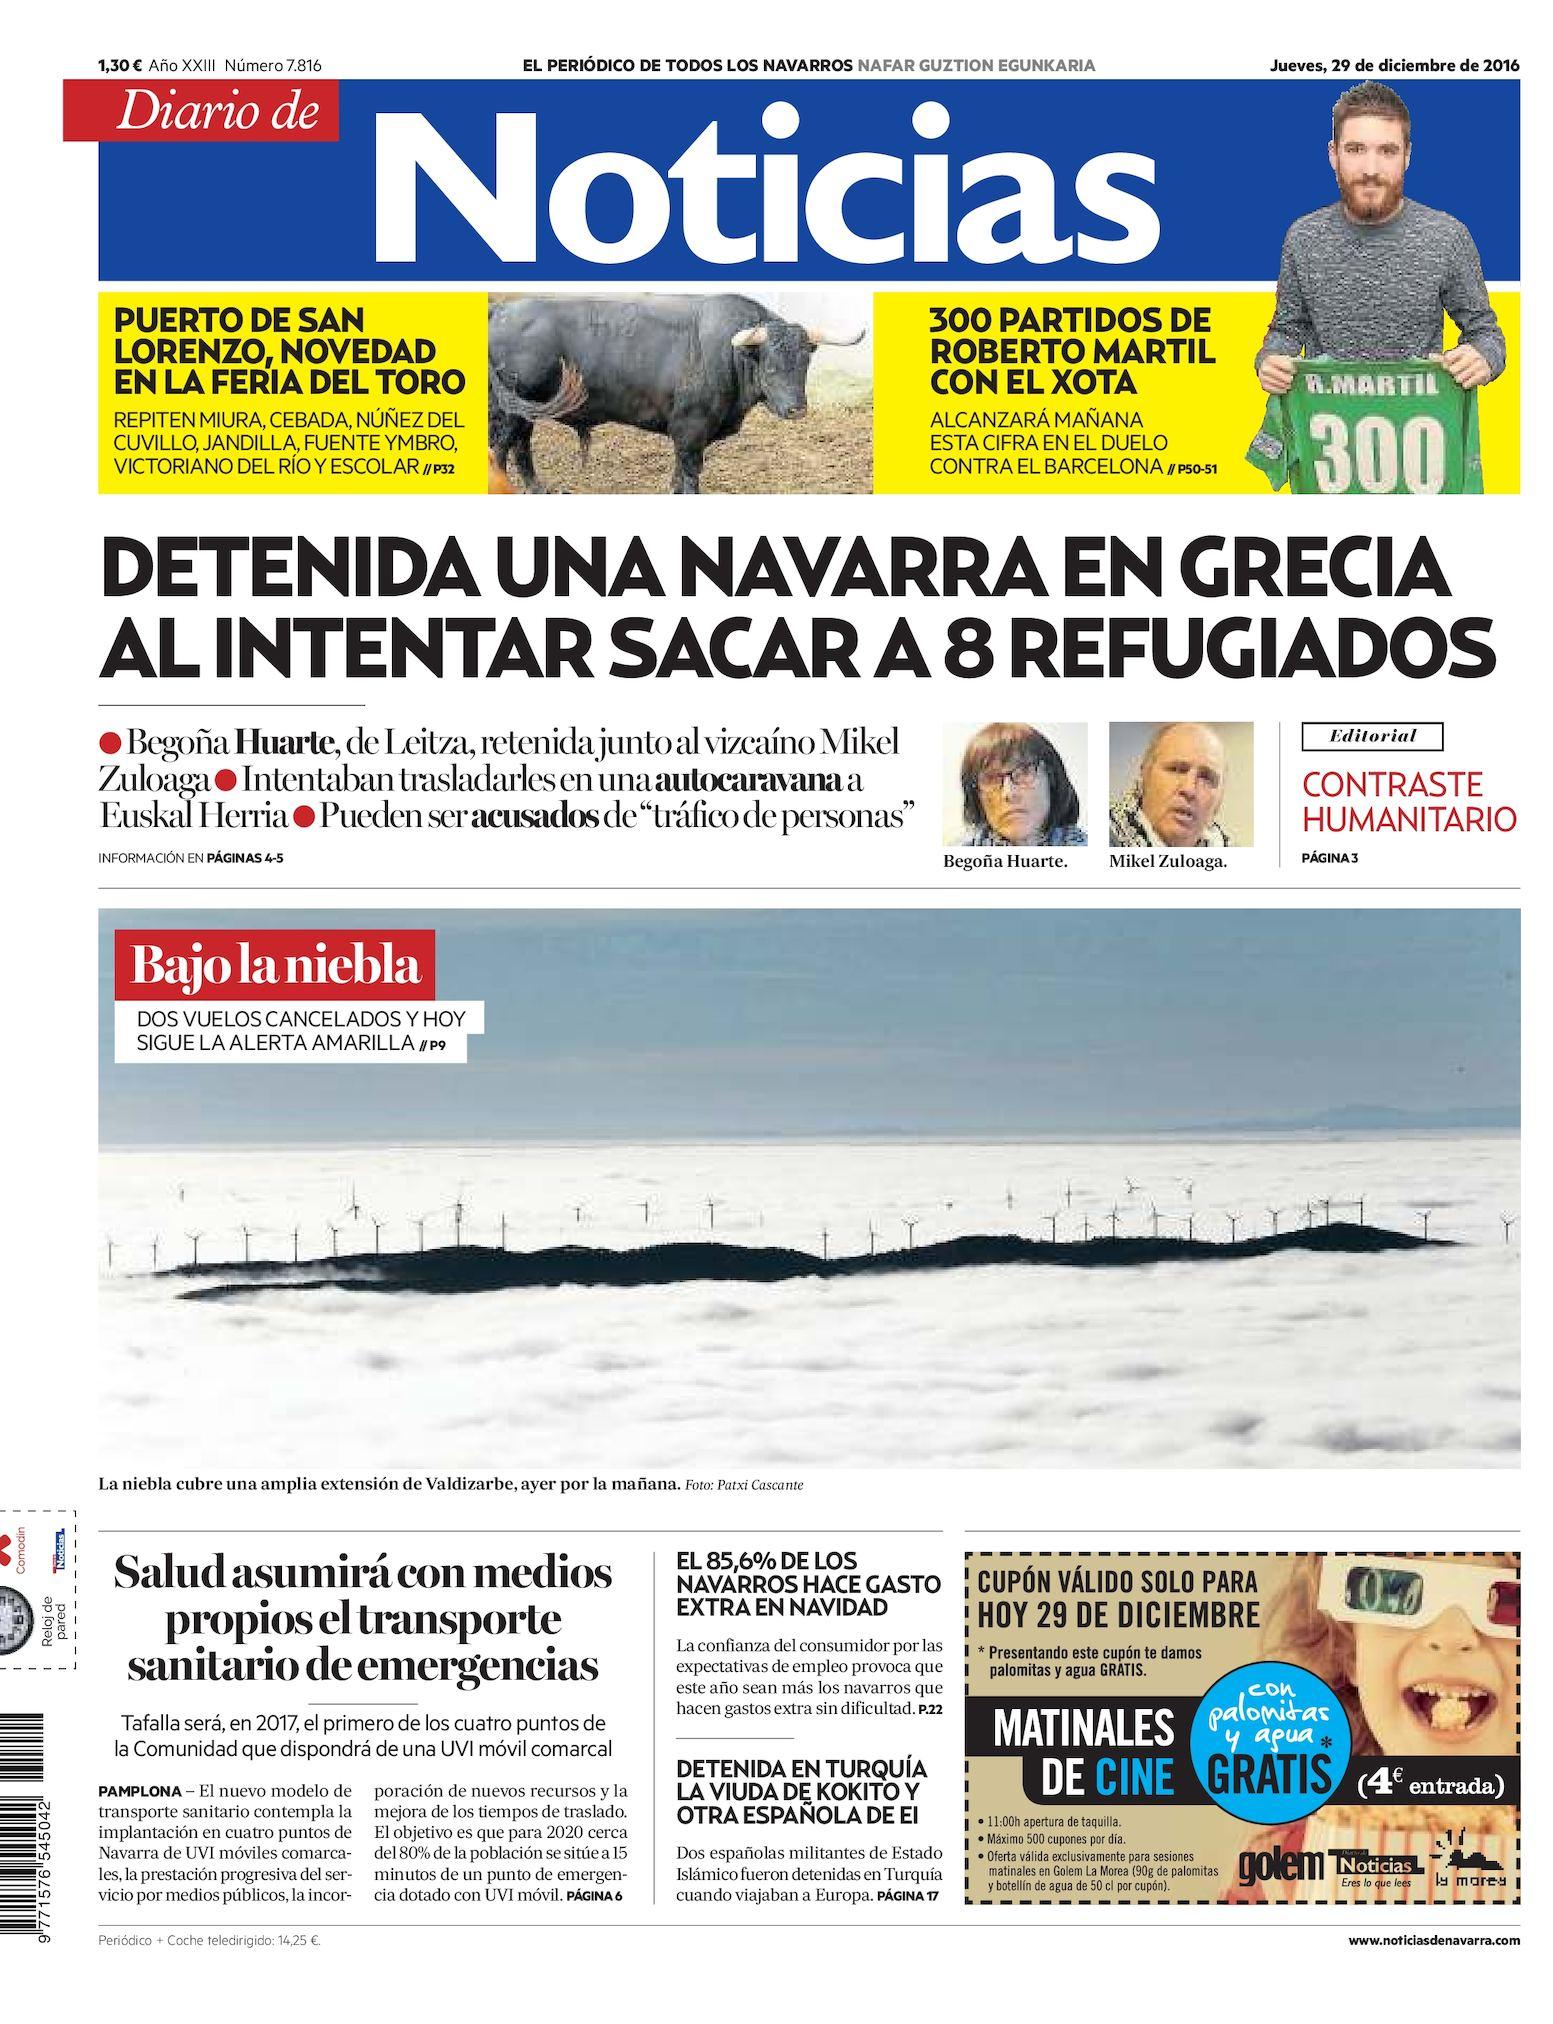 Calaméo - Diario de Noticias 20161229 6c6c6c8d1e529